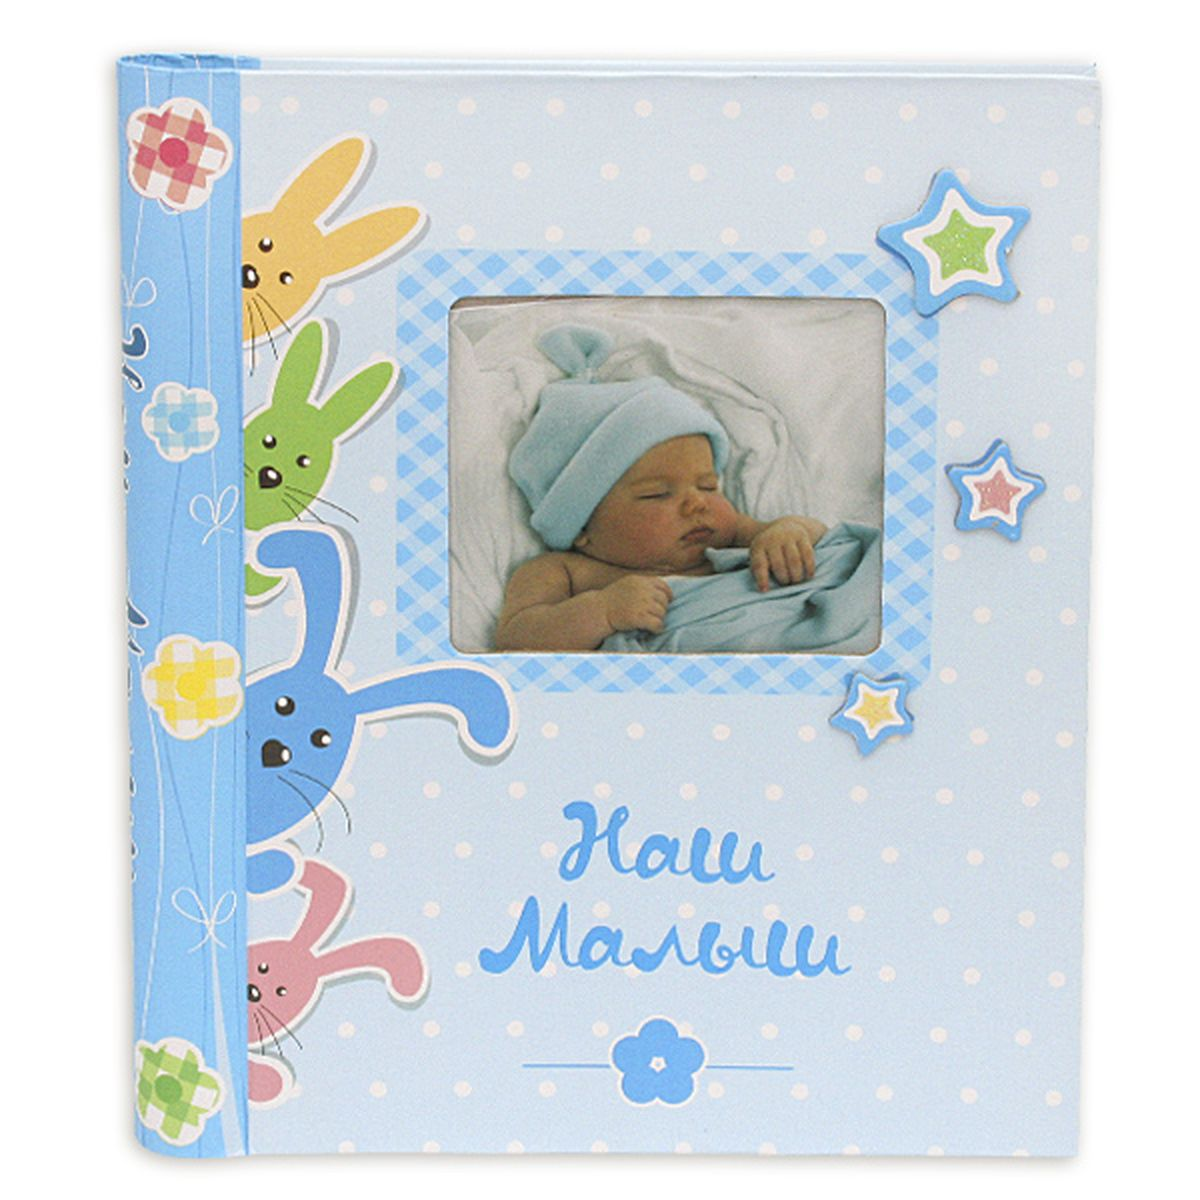 Фотокнига Pioneer Our Baby 6, 23 x 28 см. 46427 FARG-D31SФотокнига Pioneer Our Baby 6 позволит вам запечатлеть моменты жизни вашего ребенка. Изделие выполнено из картона и плотной бумаги, может быть использована для создания памятного альбома в технике скрапбукинг. В книге находится 20 страниц-анкет для заполнения и рамка для фото. Всего внутри может быть расположено 20 фото. Тип скрепления: спиральФормат фотографий: 23 х 28 смМатериал страниц: бумагаТип страниц: магнитный